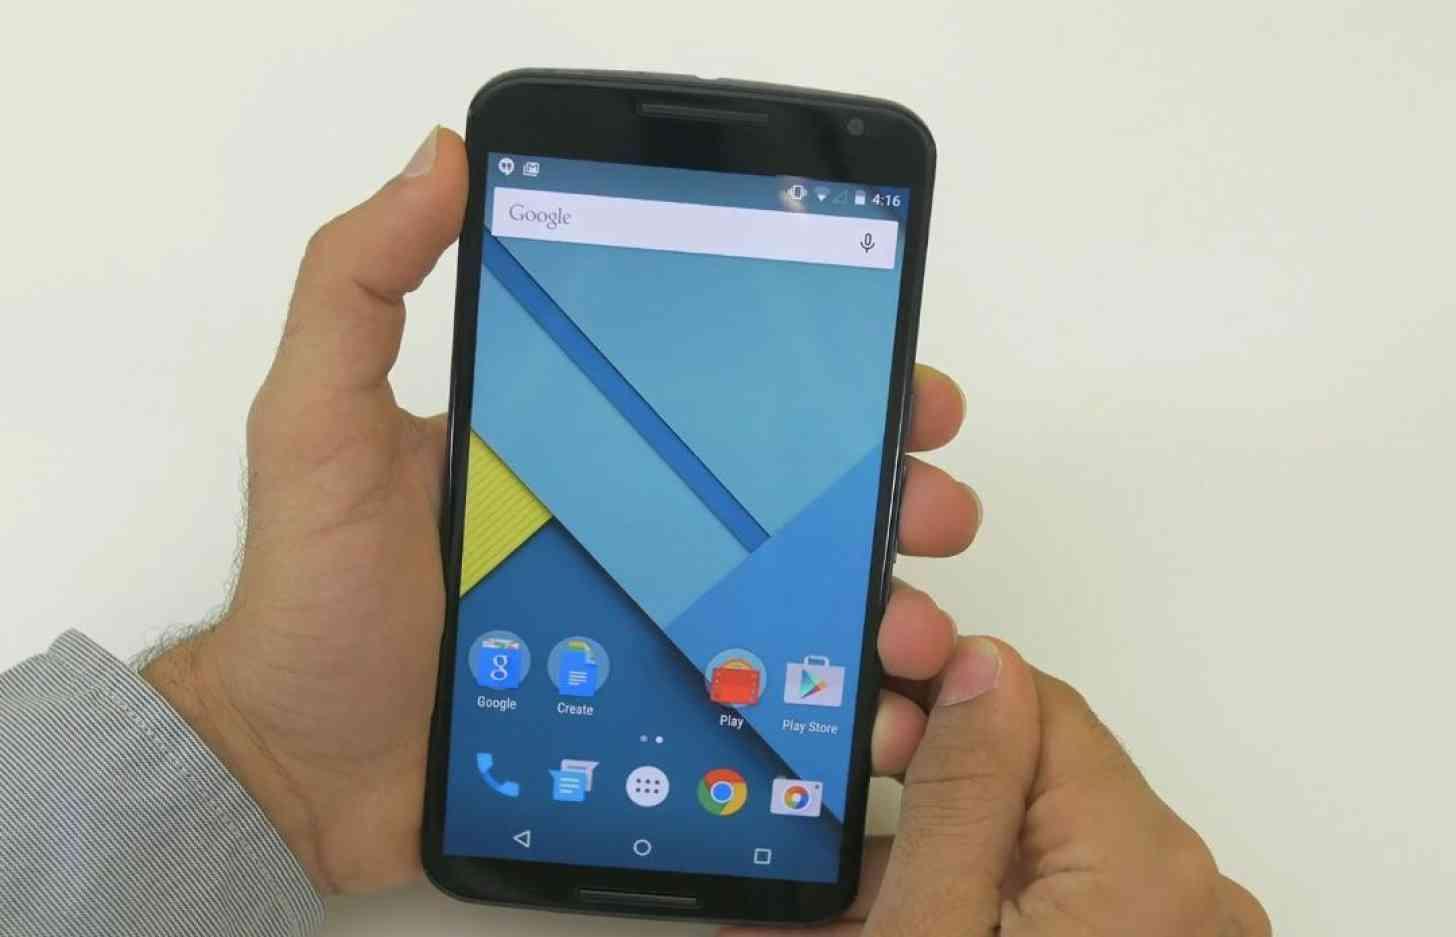 Motorola Nexus 6 front in hand